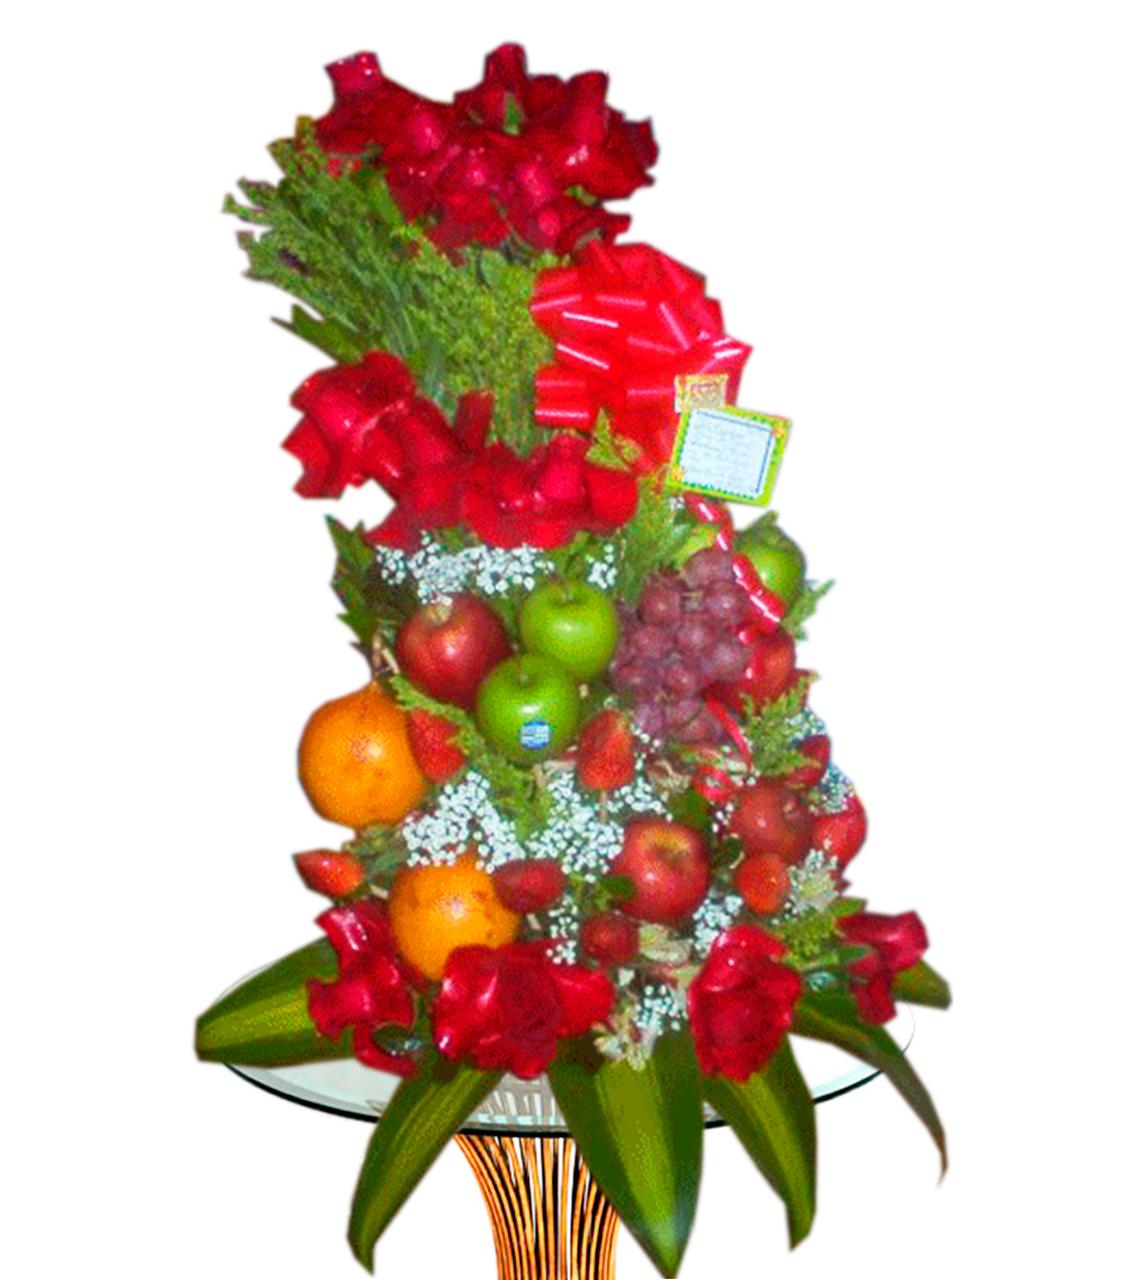 Bouquet con Frutas Recargada